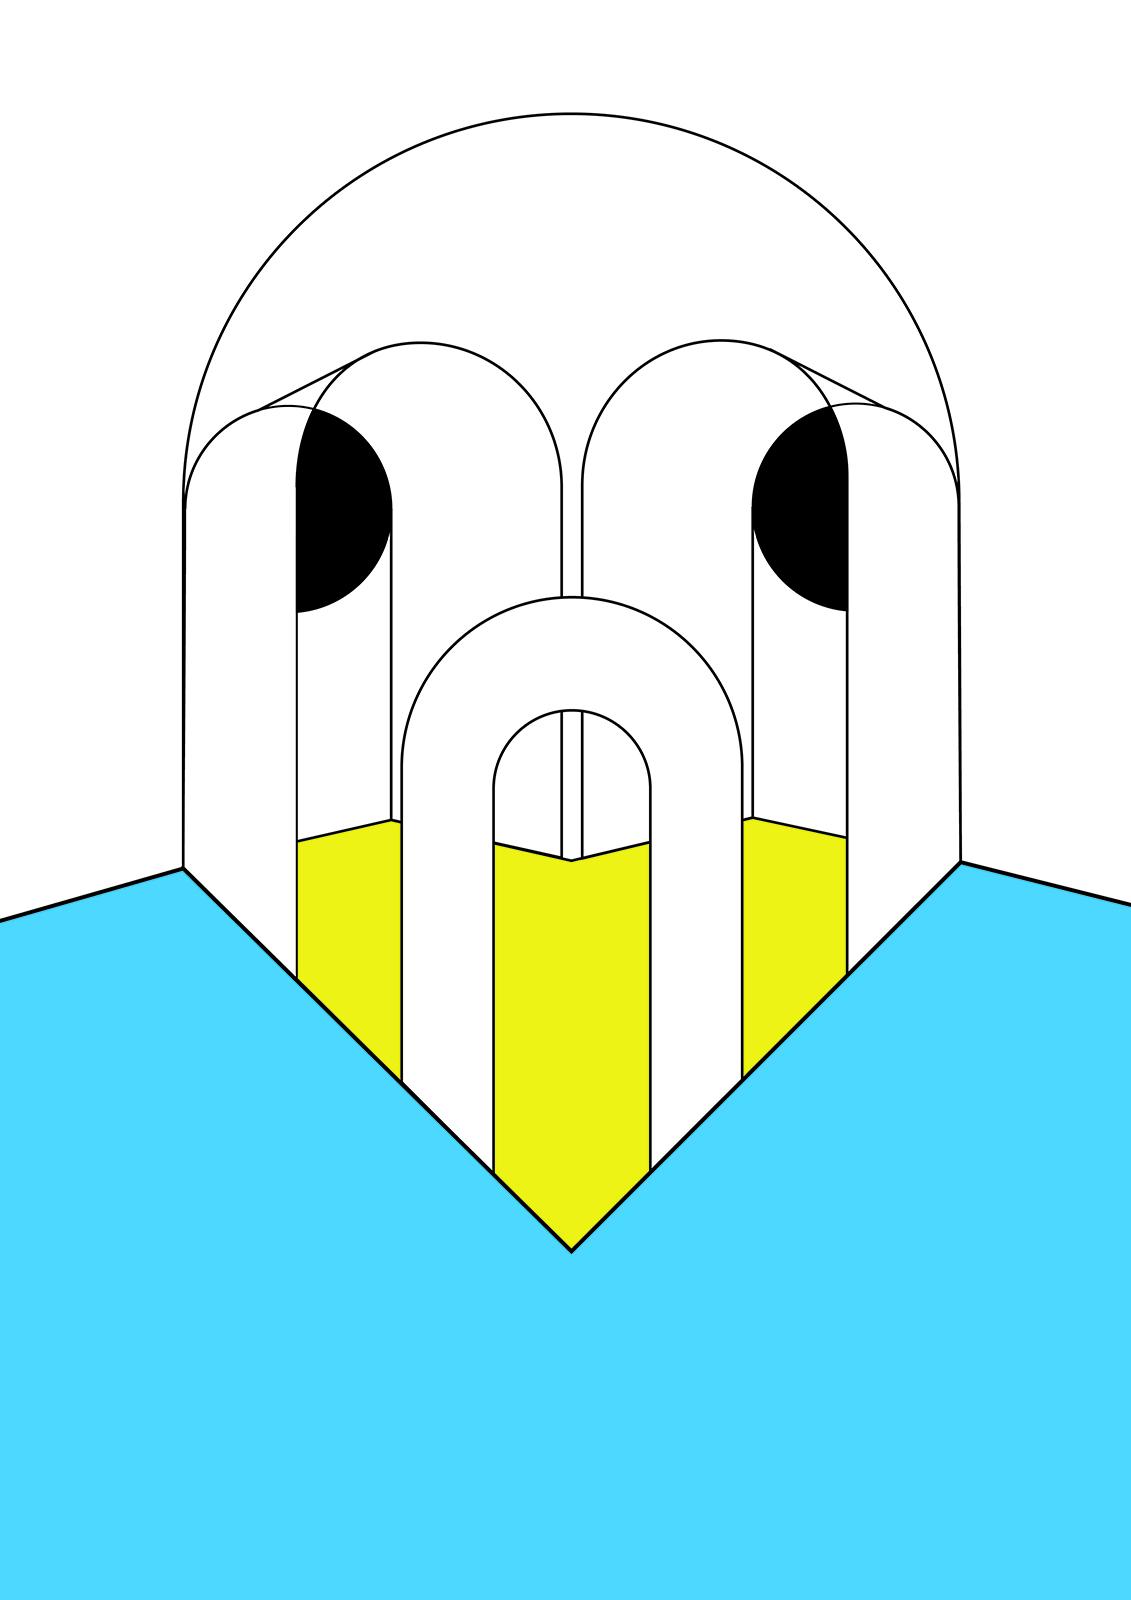 Matali Crasset - Designer - Design - Oeuvre - Création - La cathédrale dans l'étable